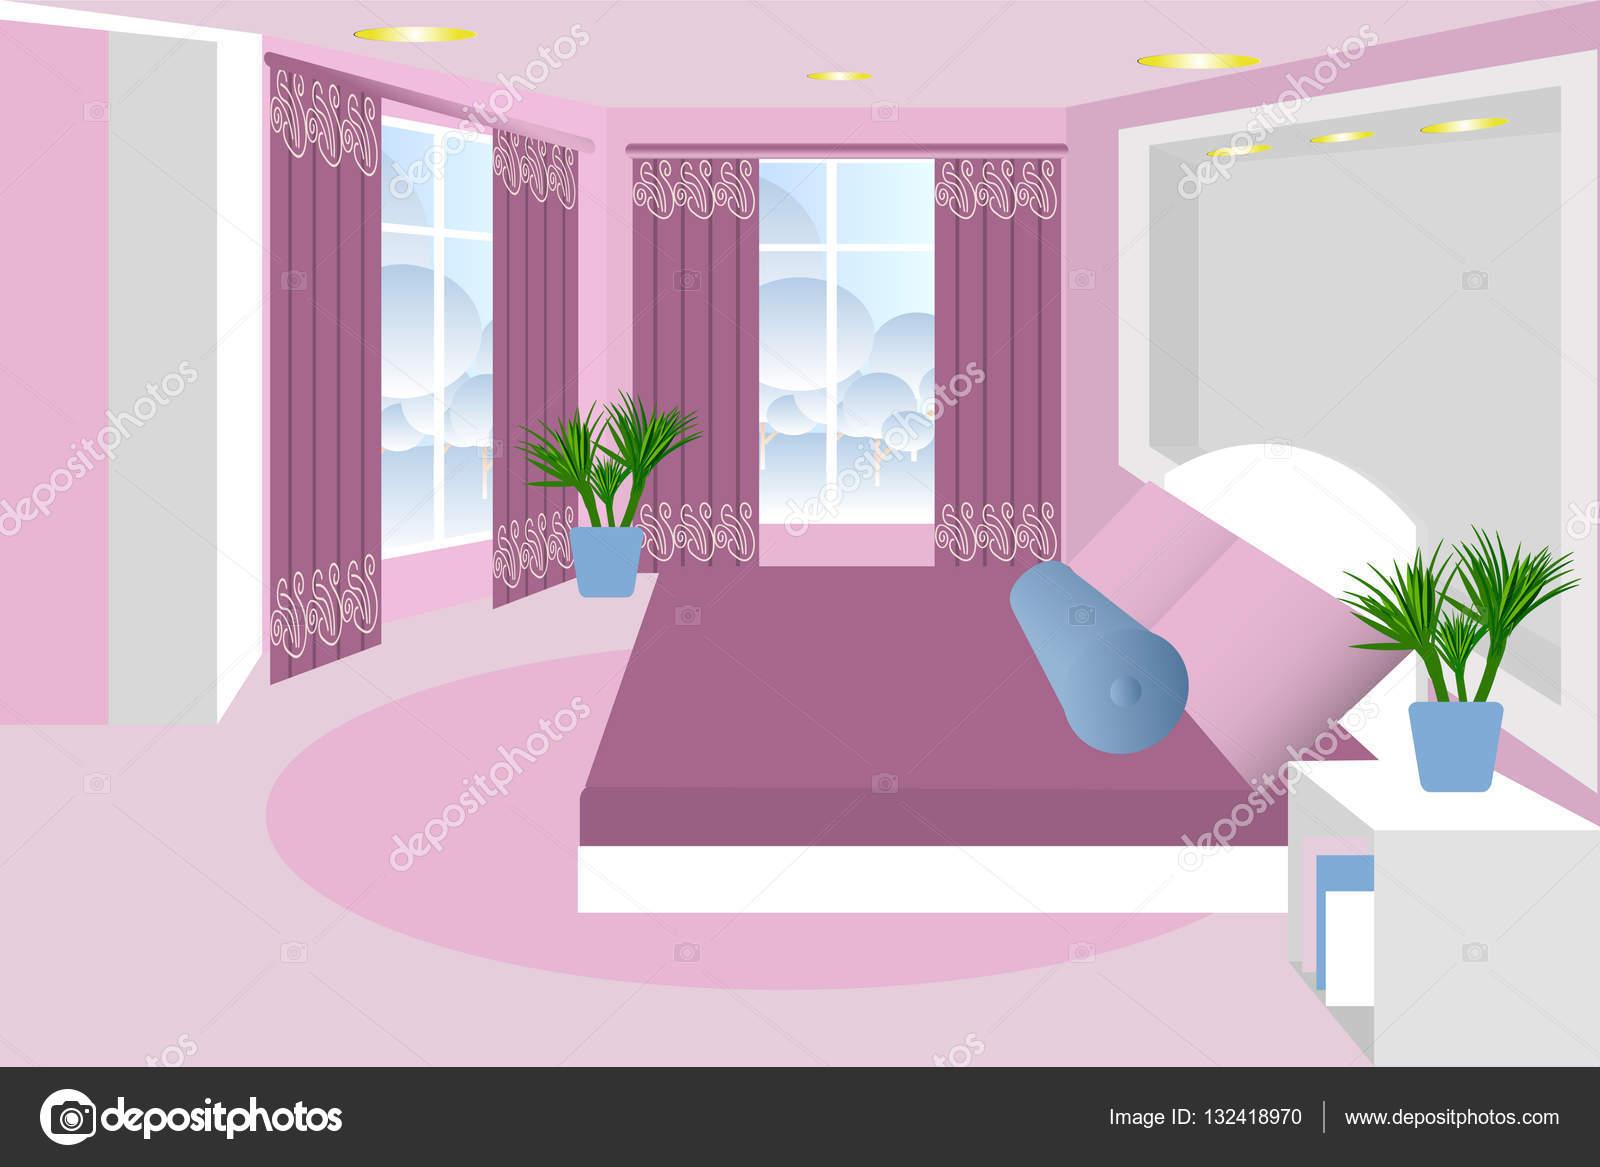 Dormitorio el interior de la habitaci n vector cama for Dormitorio animado